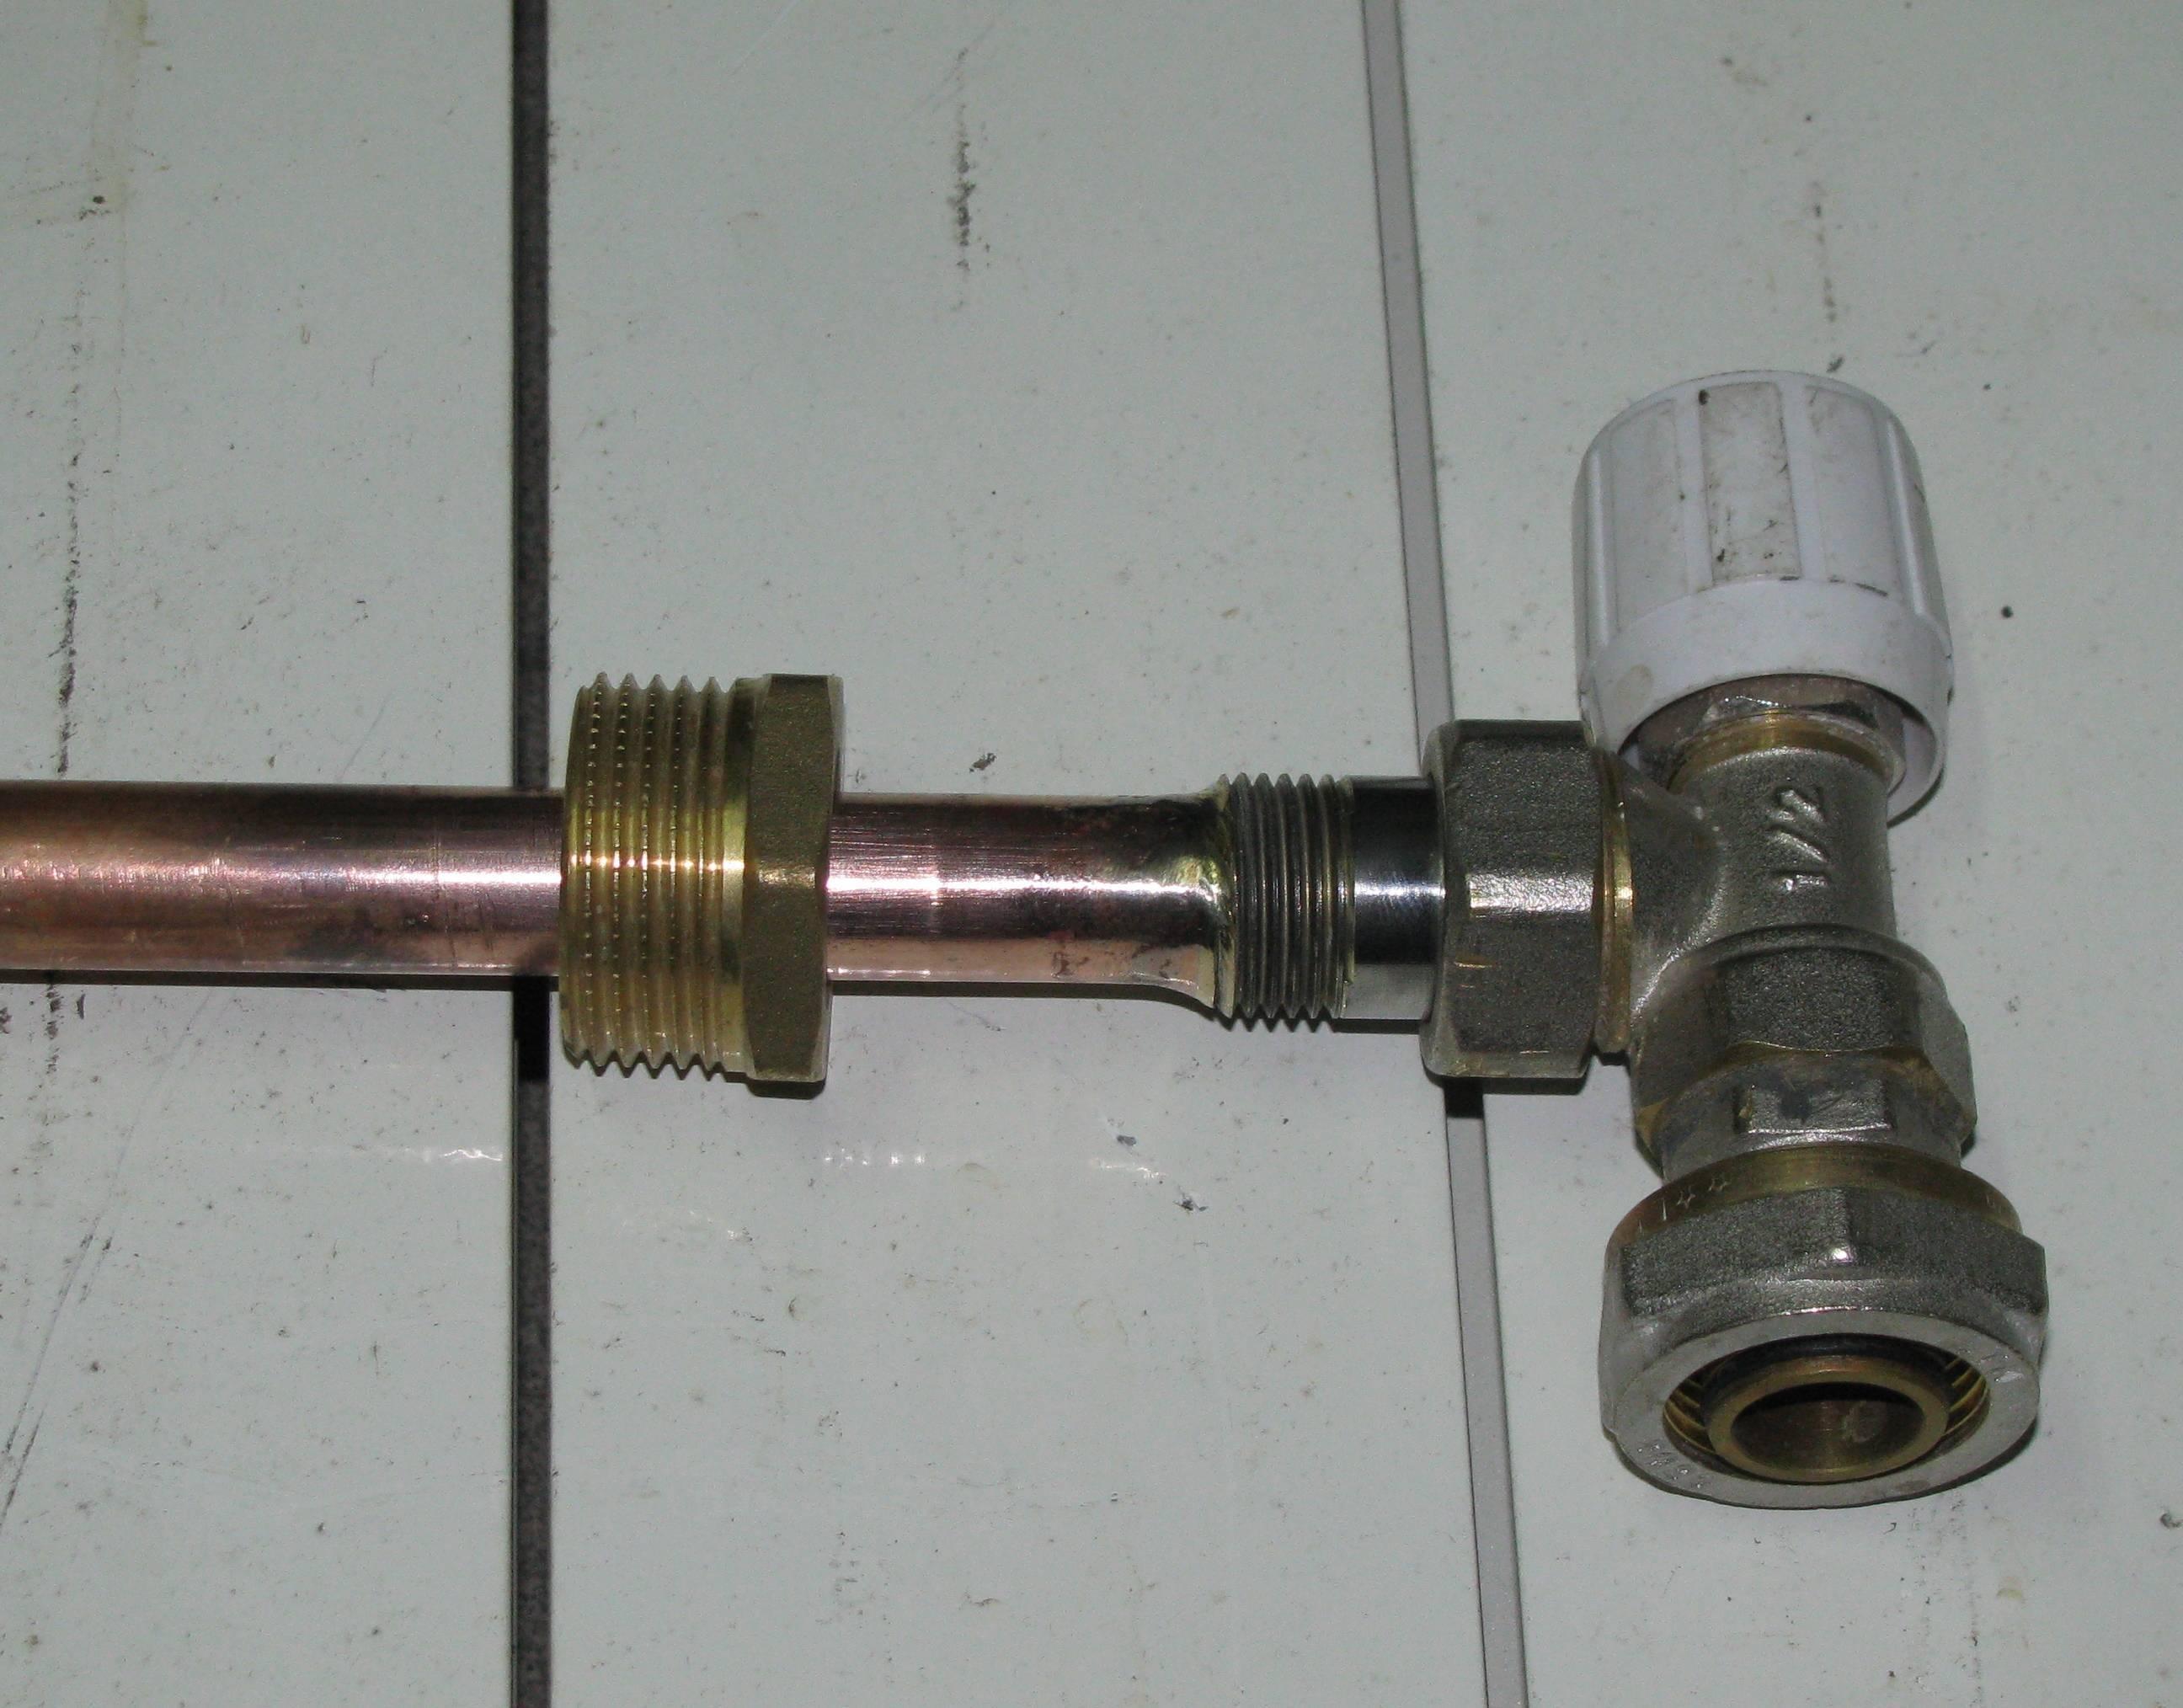 Удлинитель протока для радиатора: использование и самостоятельное изготовление - ремонт